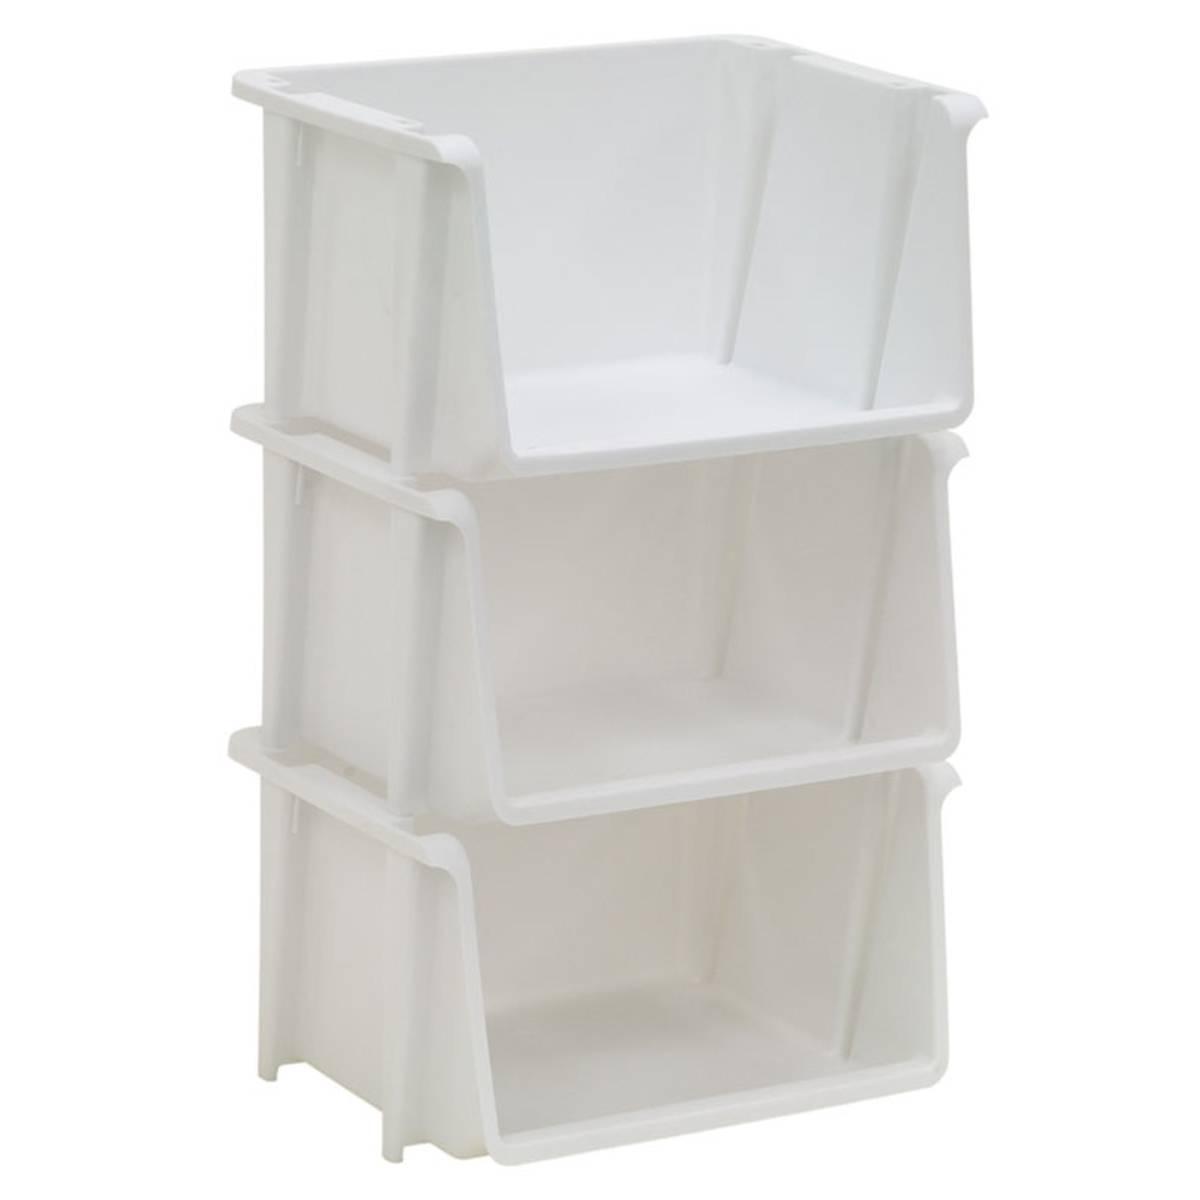 Shop Storage Boxes and Totes | Blain\'s Farm & Fleet